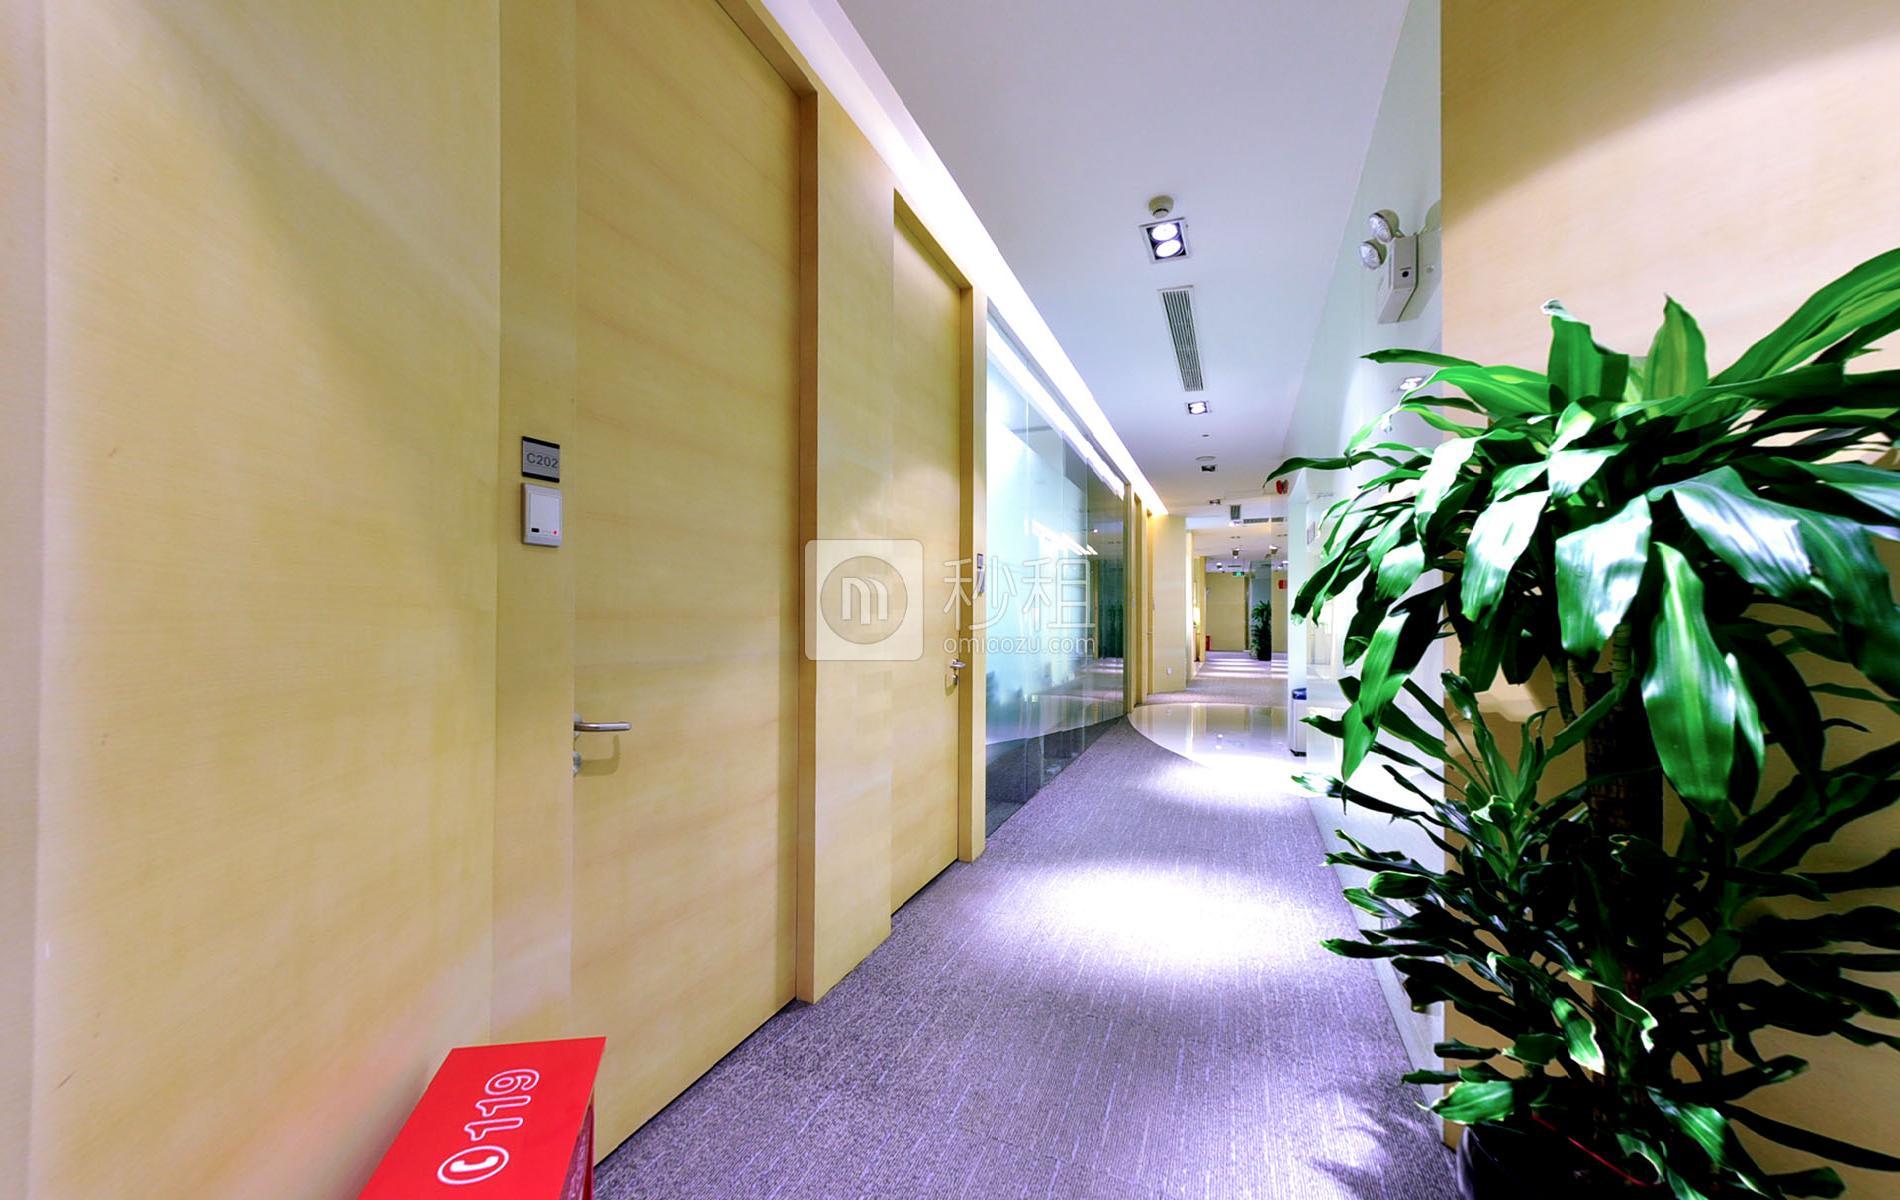 富瑞斯商务中心写字楼出租/招租/租赁,富瑞斯商务中心办公室出租/招租/租赁